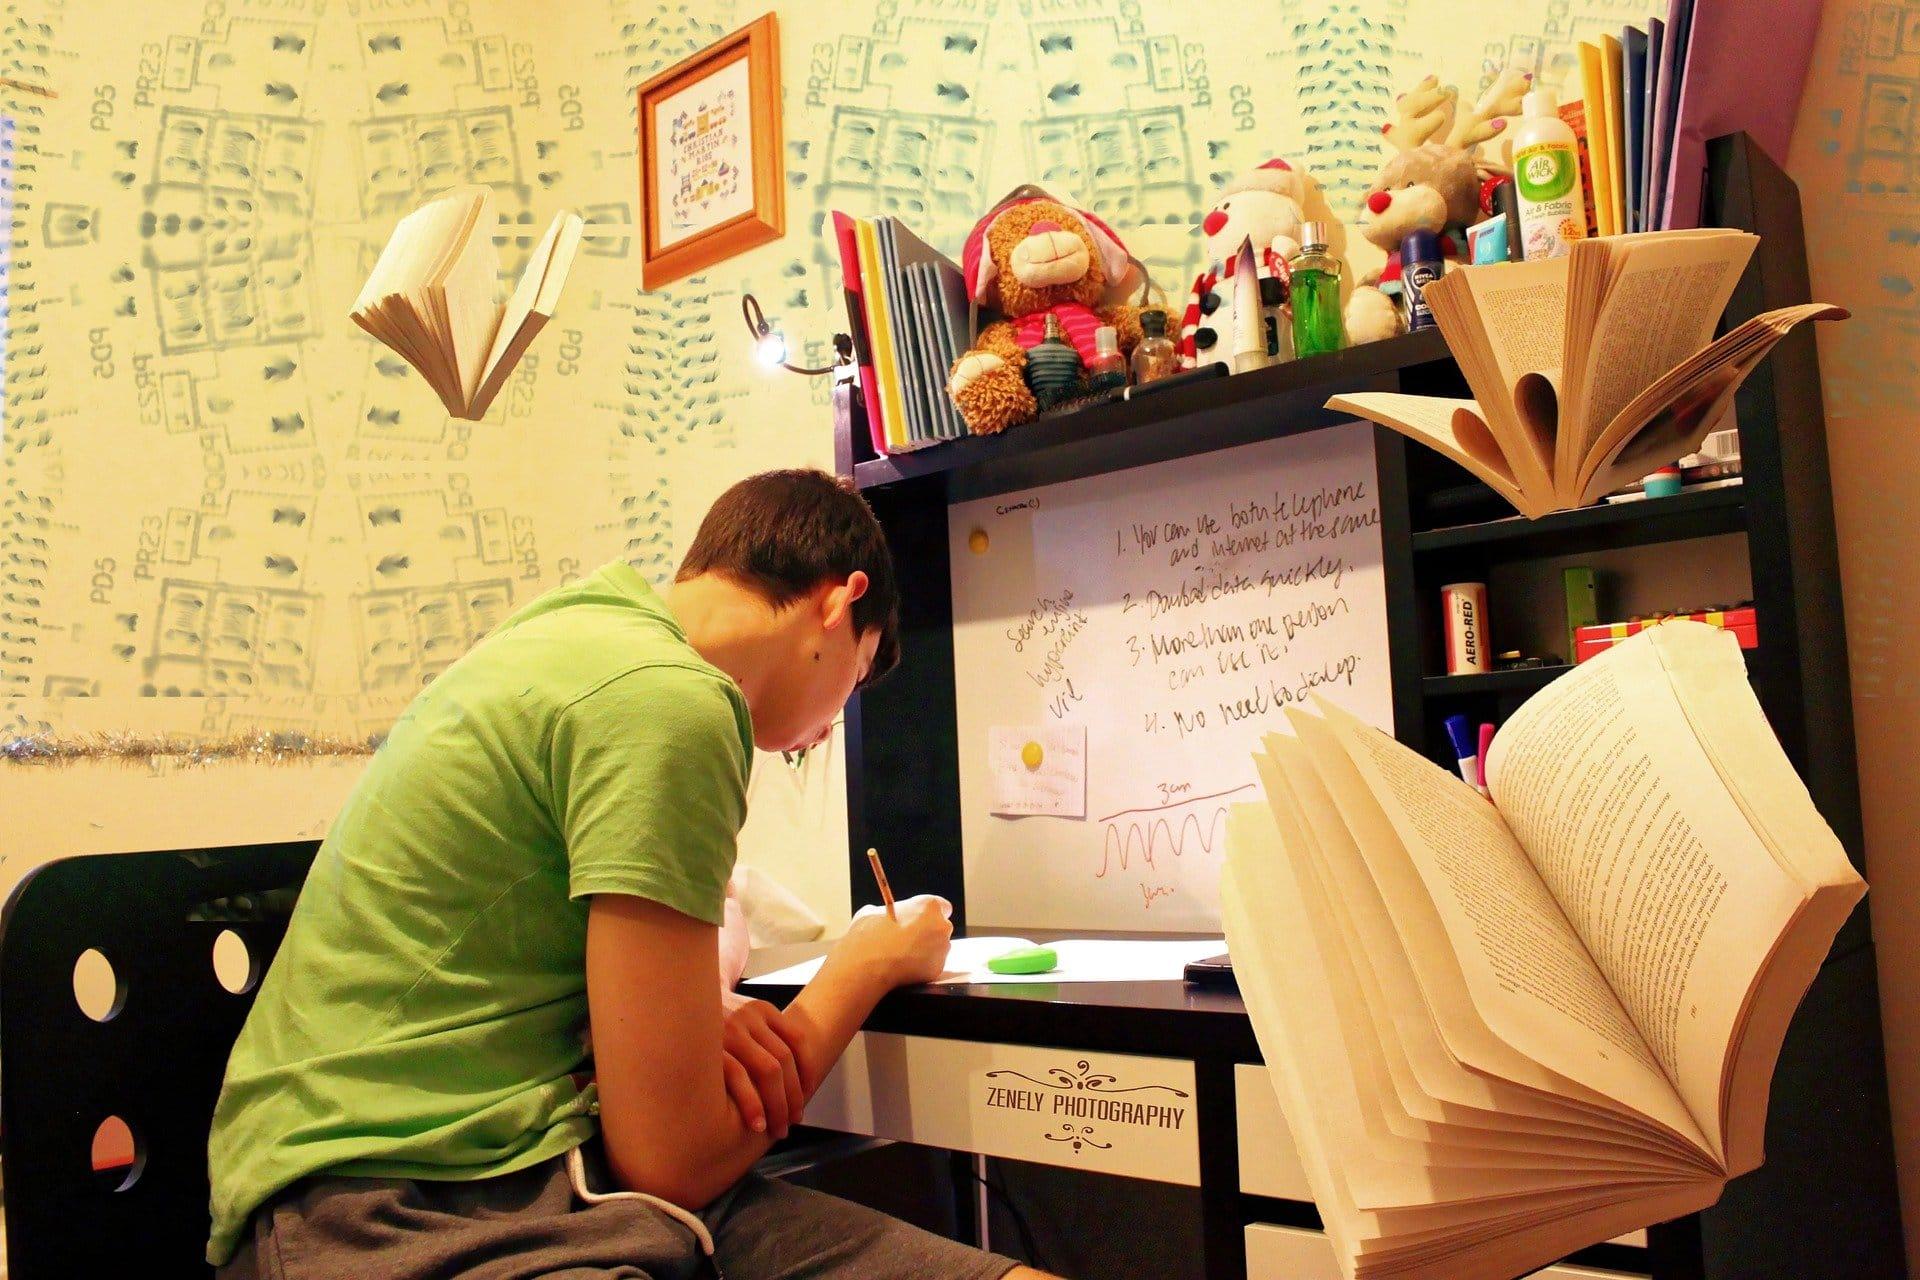 Studium Prüfungen Vorbereitung Wissen Teenage - (c) Pixabay